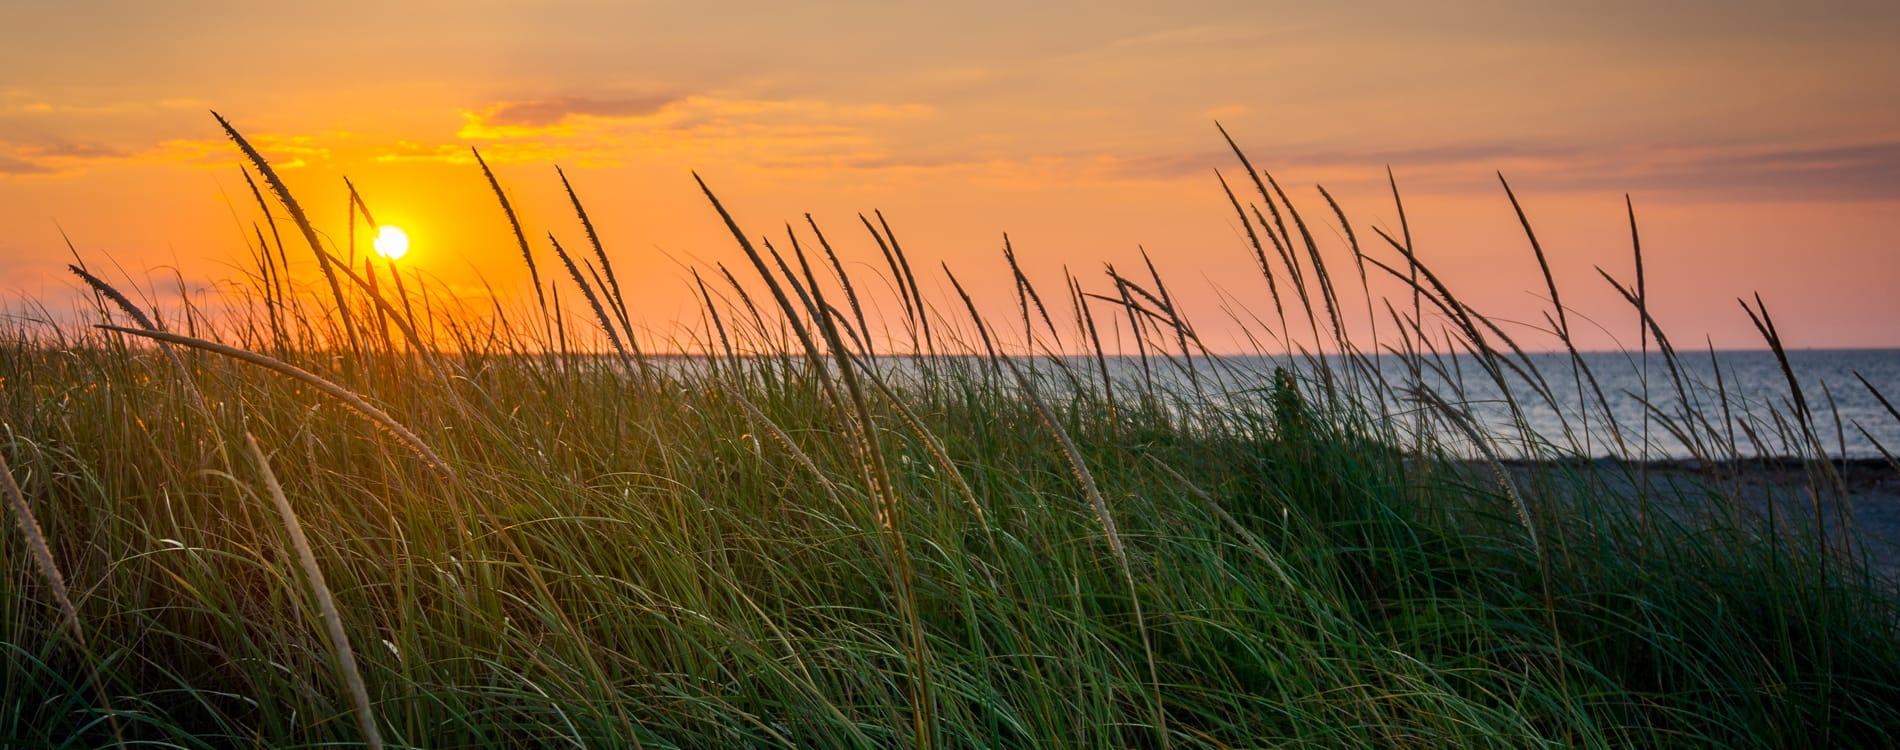 Cape Cod - Wild Grasses